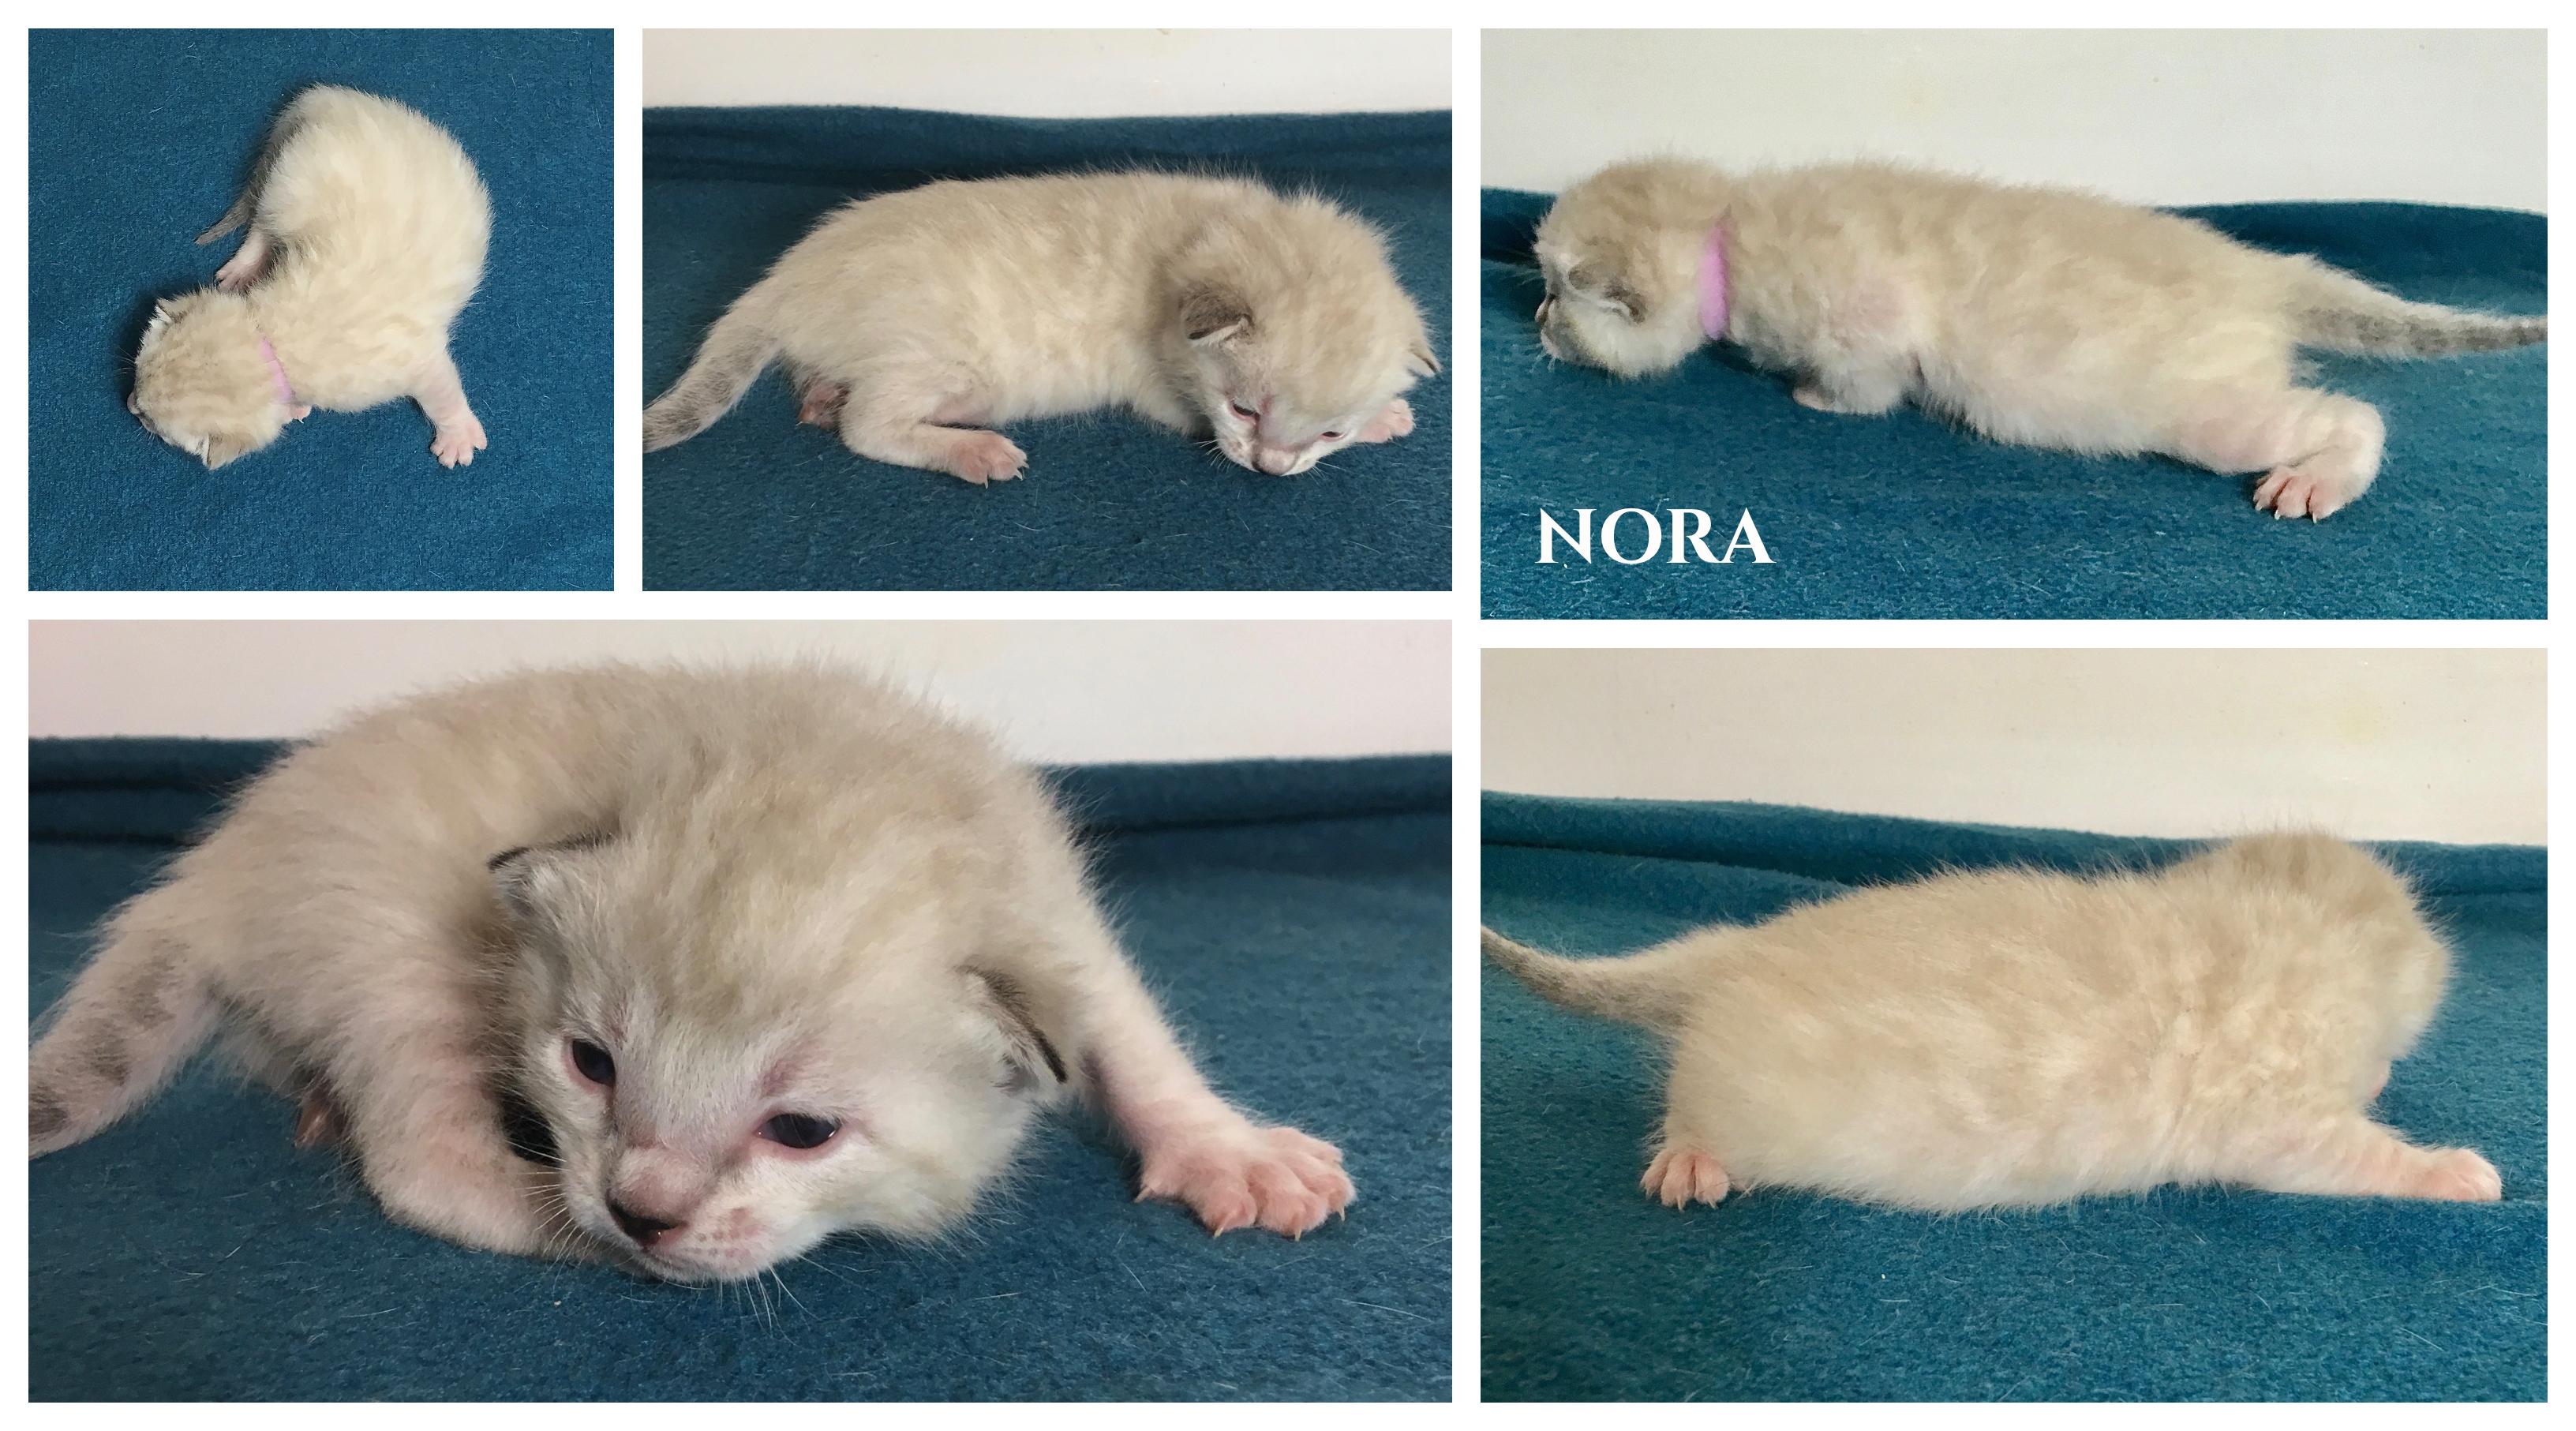 Nora 2 weeks